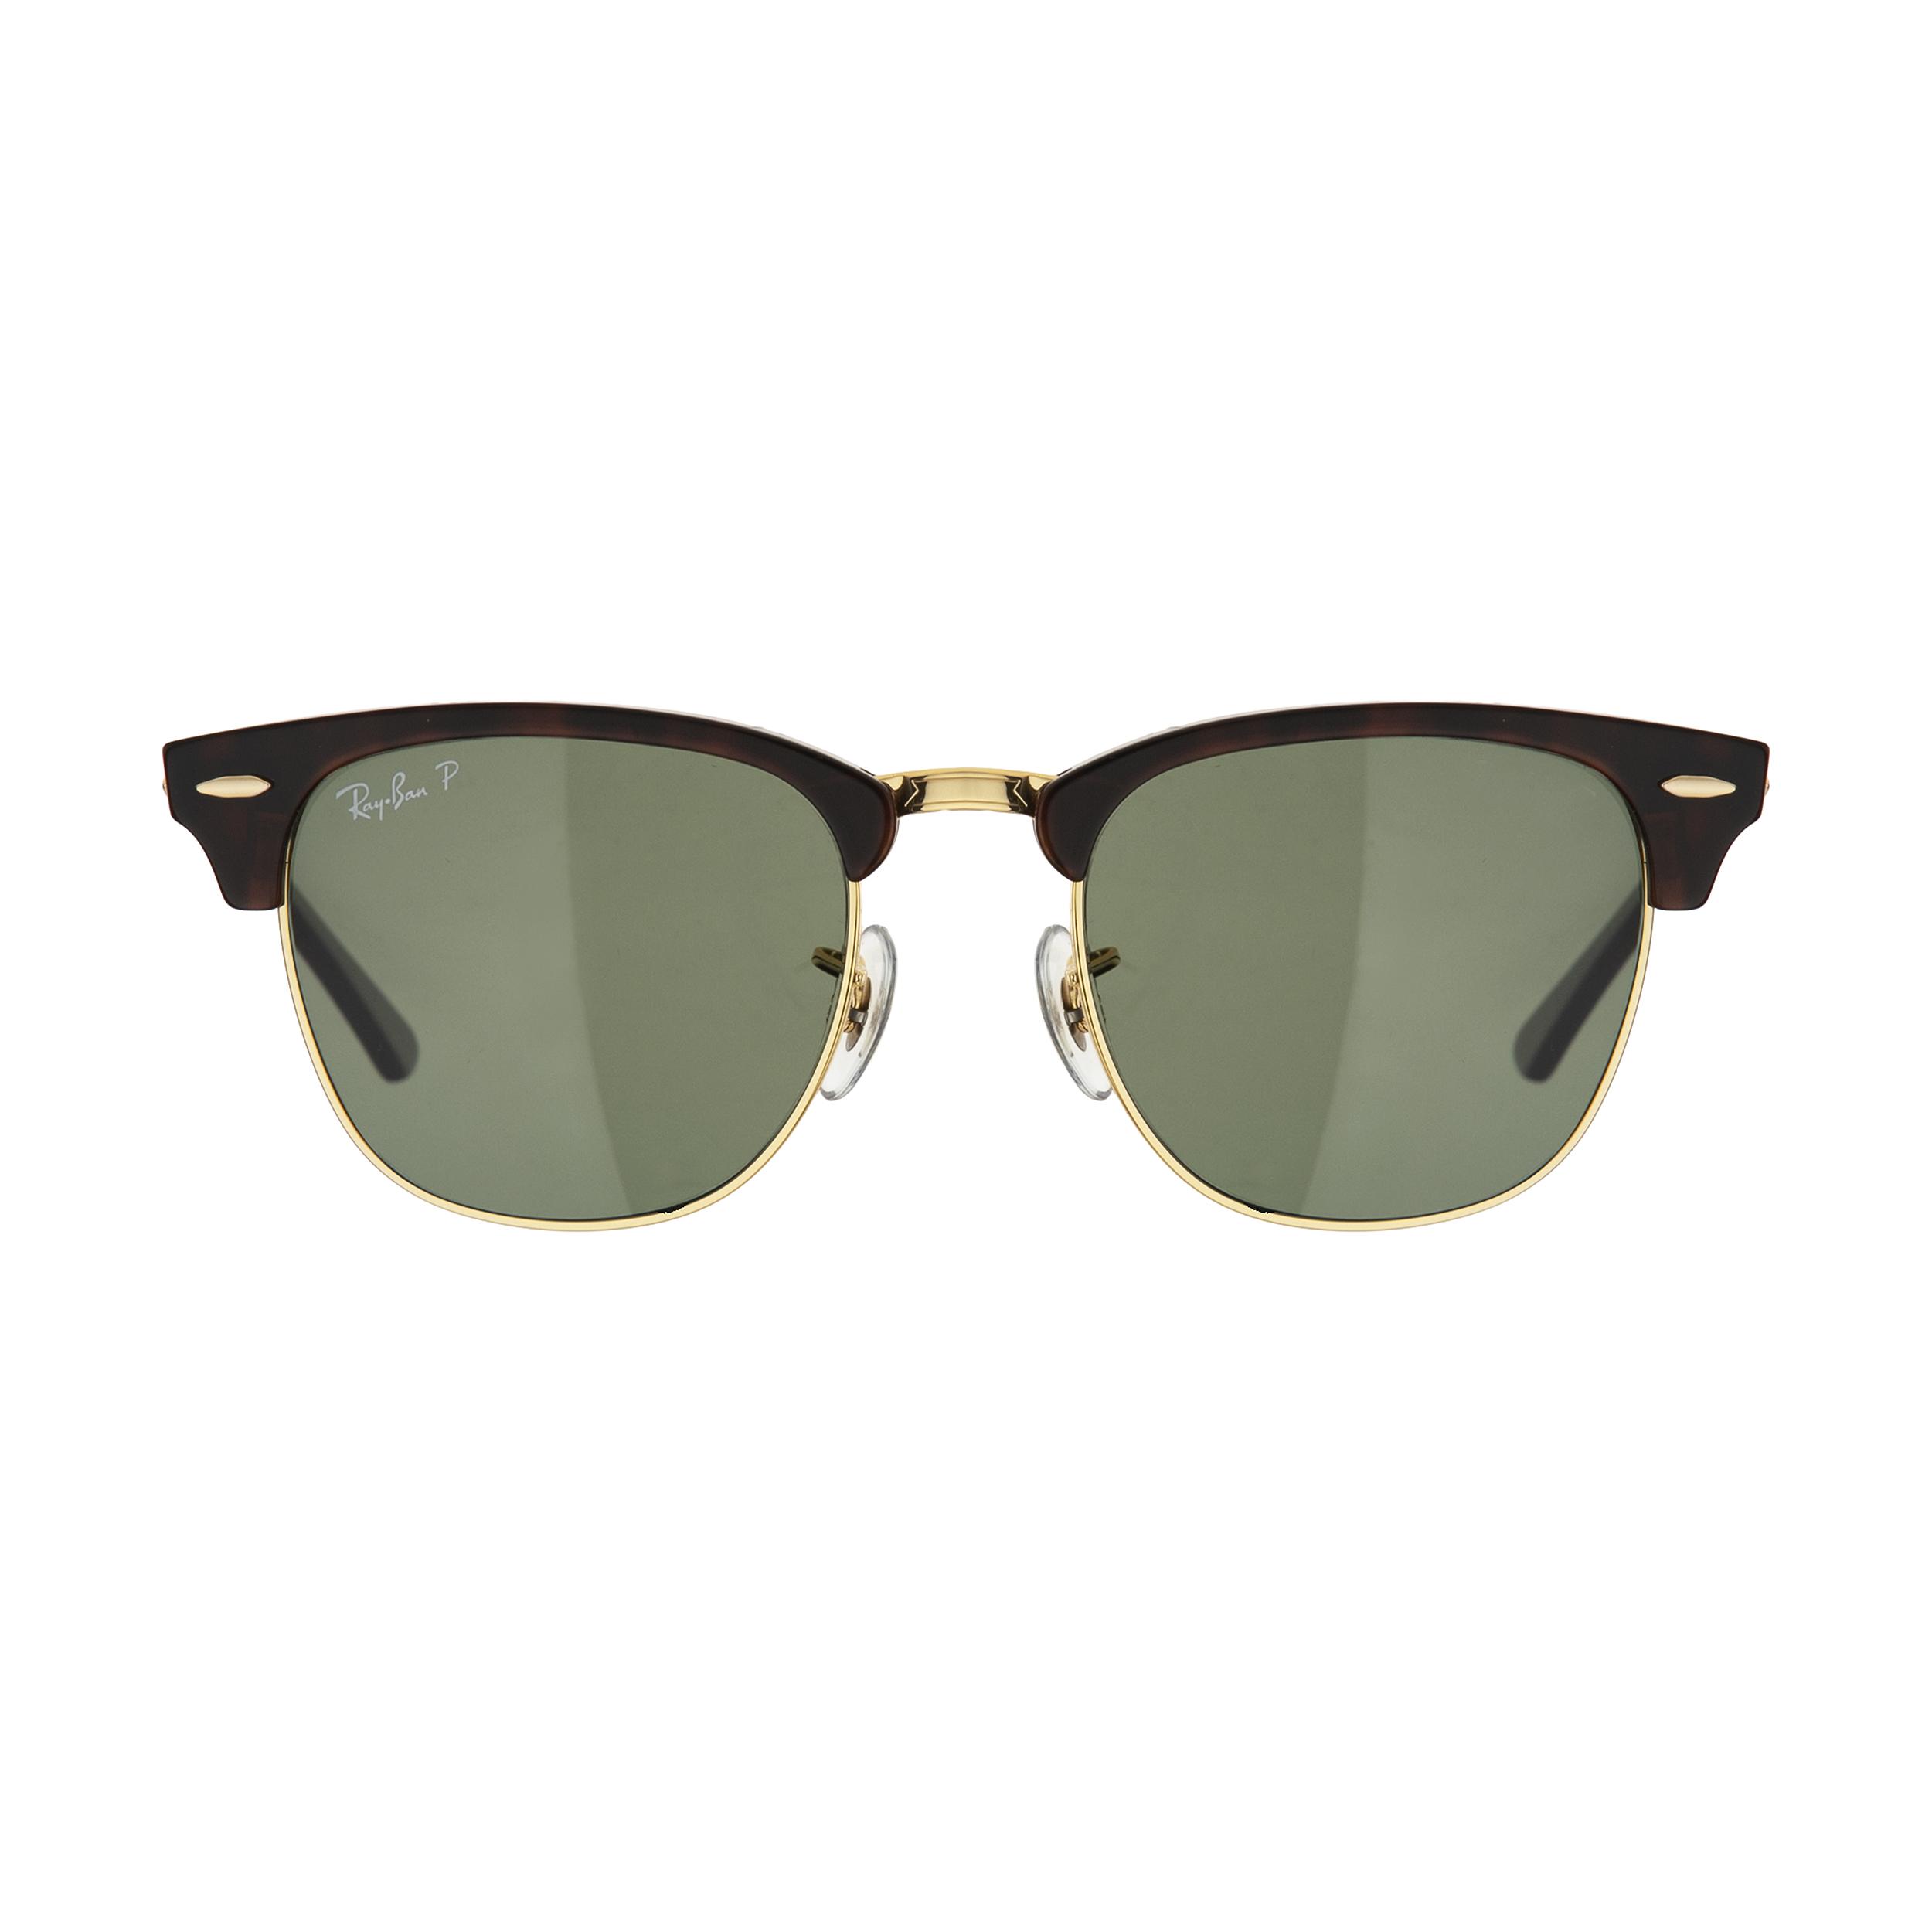 عینک آفتابی ری بن مدل 3016 990/58-51